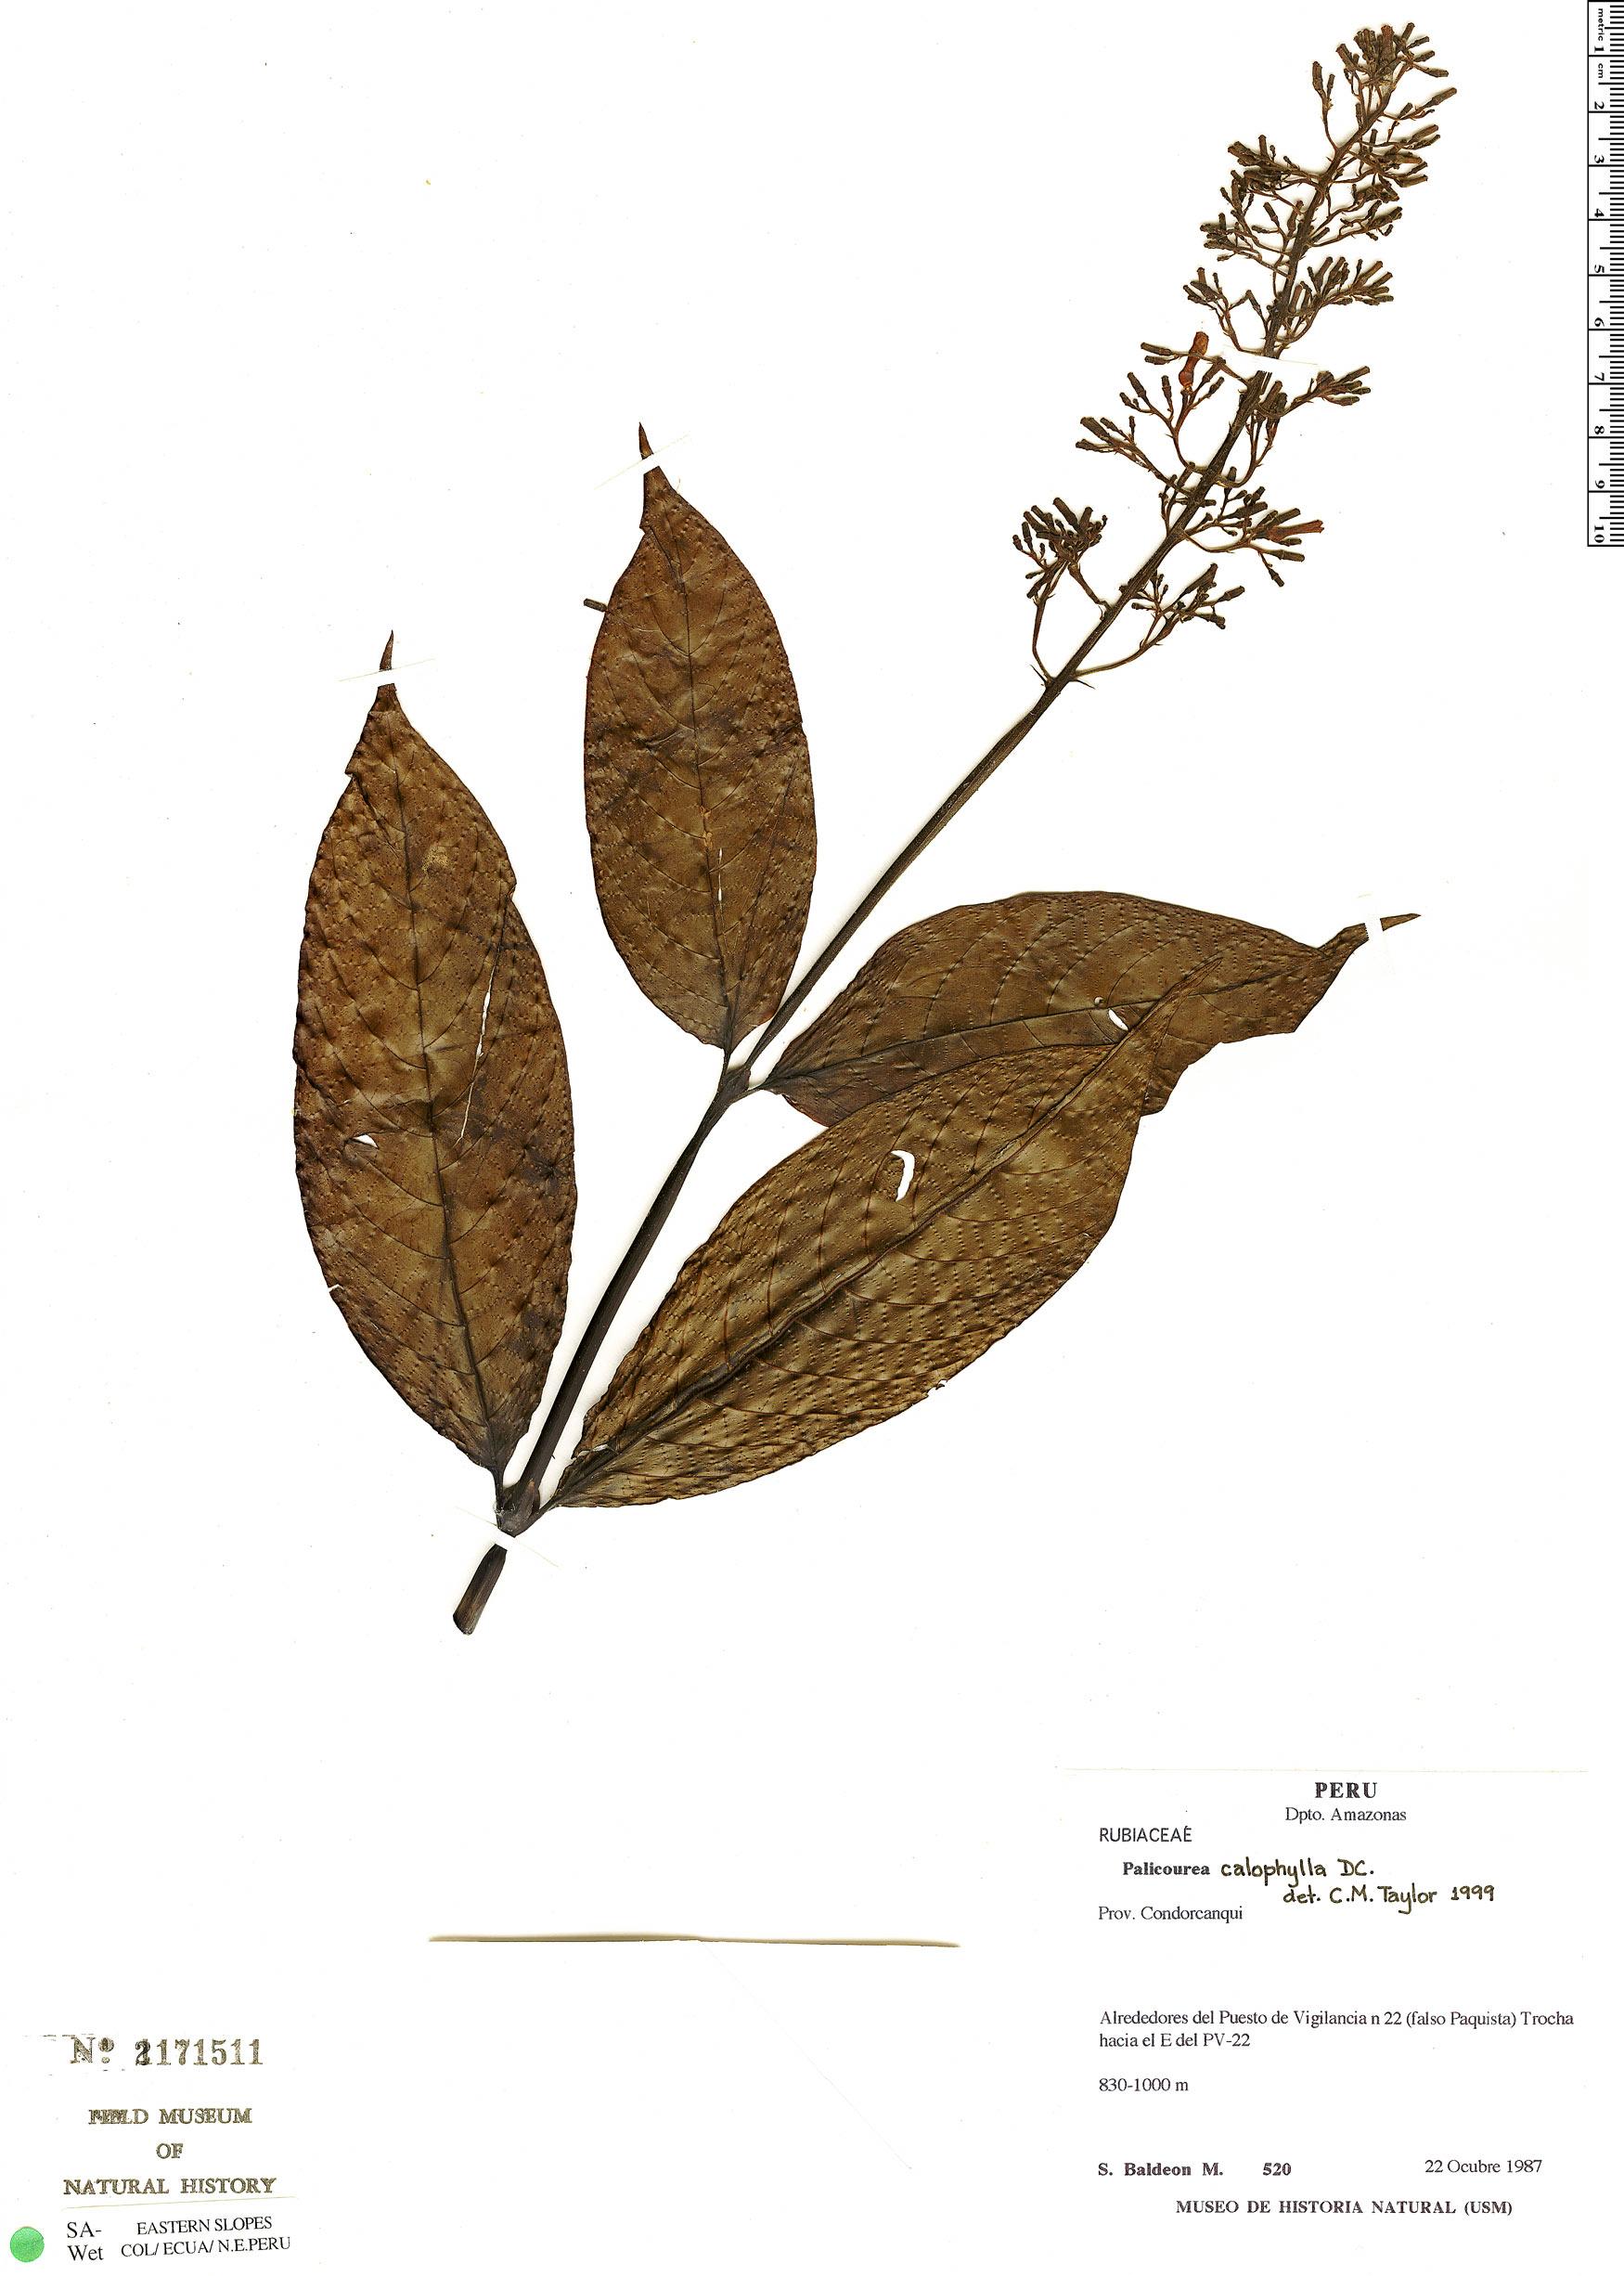 Specimen: Palicourea calophylla